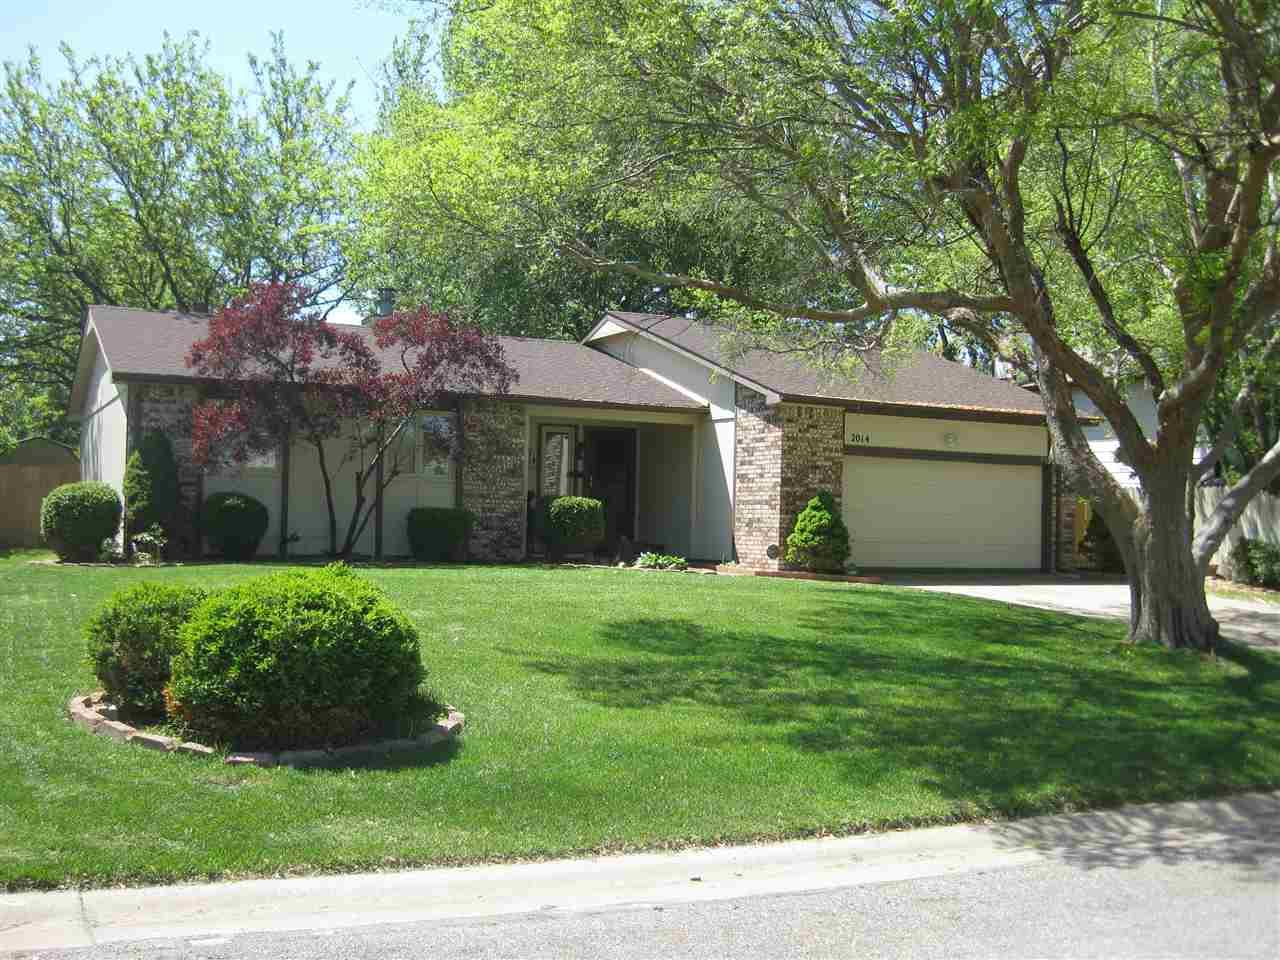 2014 N Cheryl CT, Wichita, KS 67212